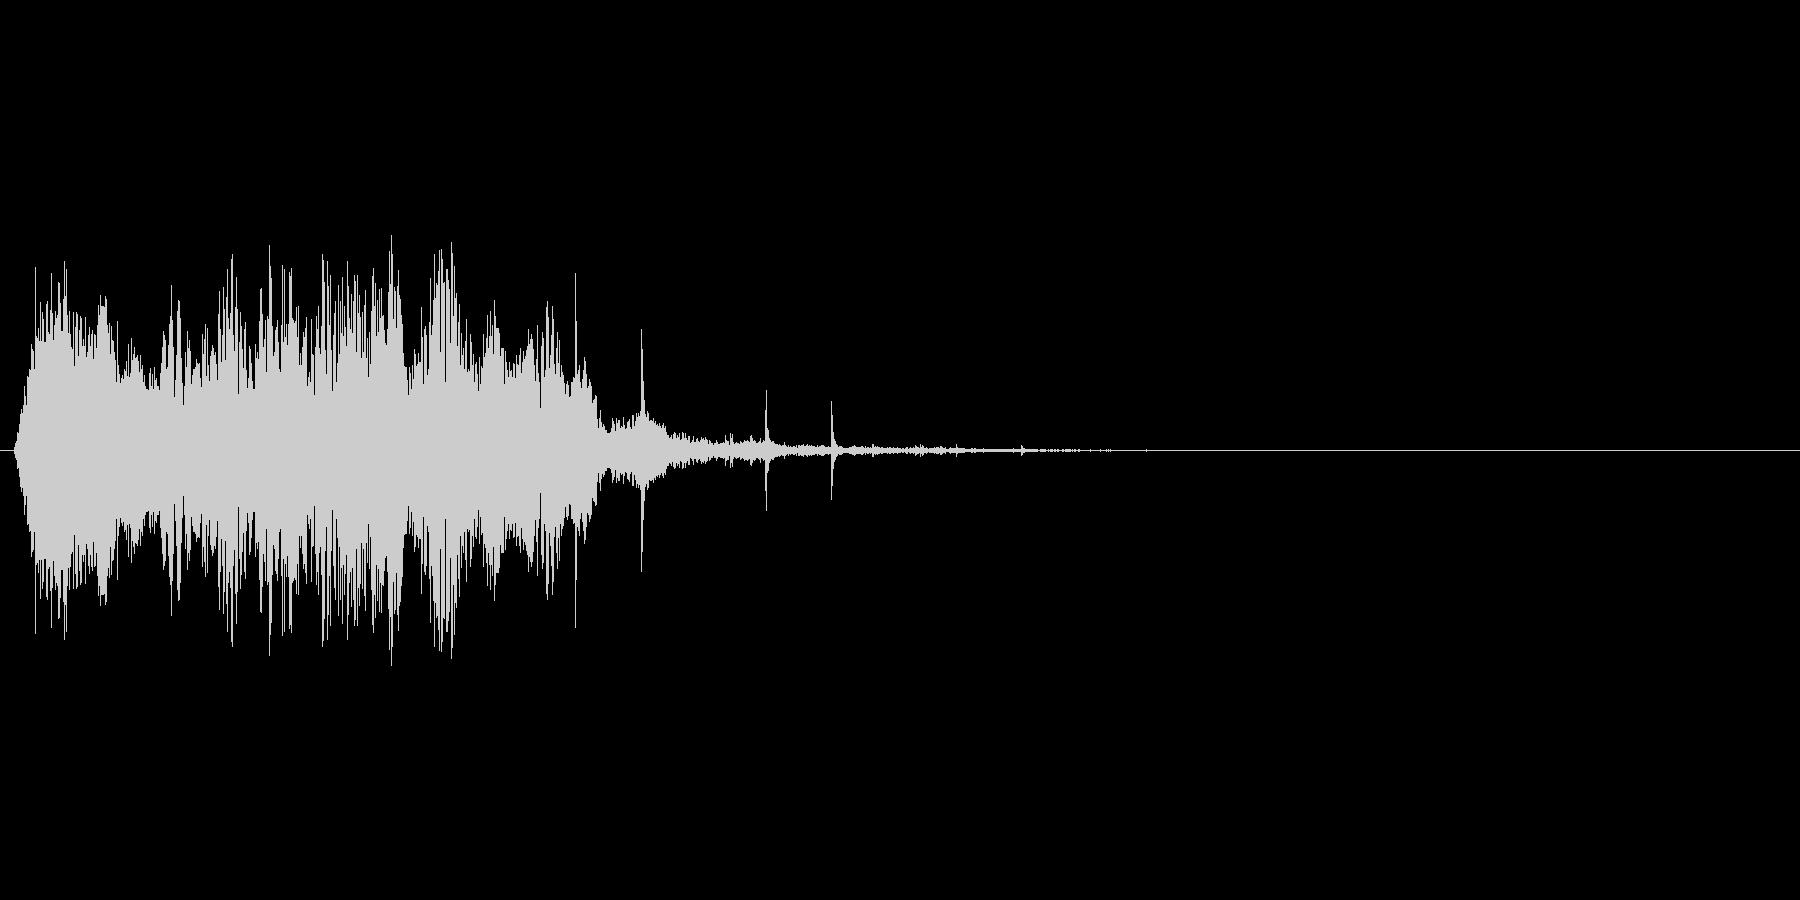 水系の魔法の詠唱→発動をイメージしたSEの未再生の波形